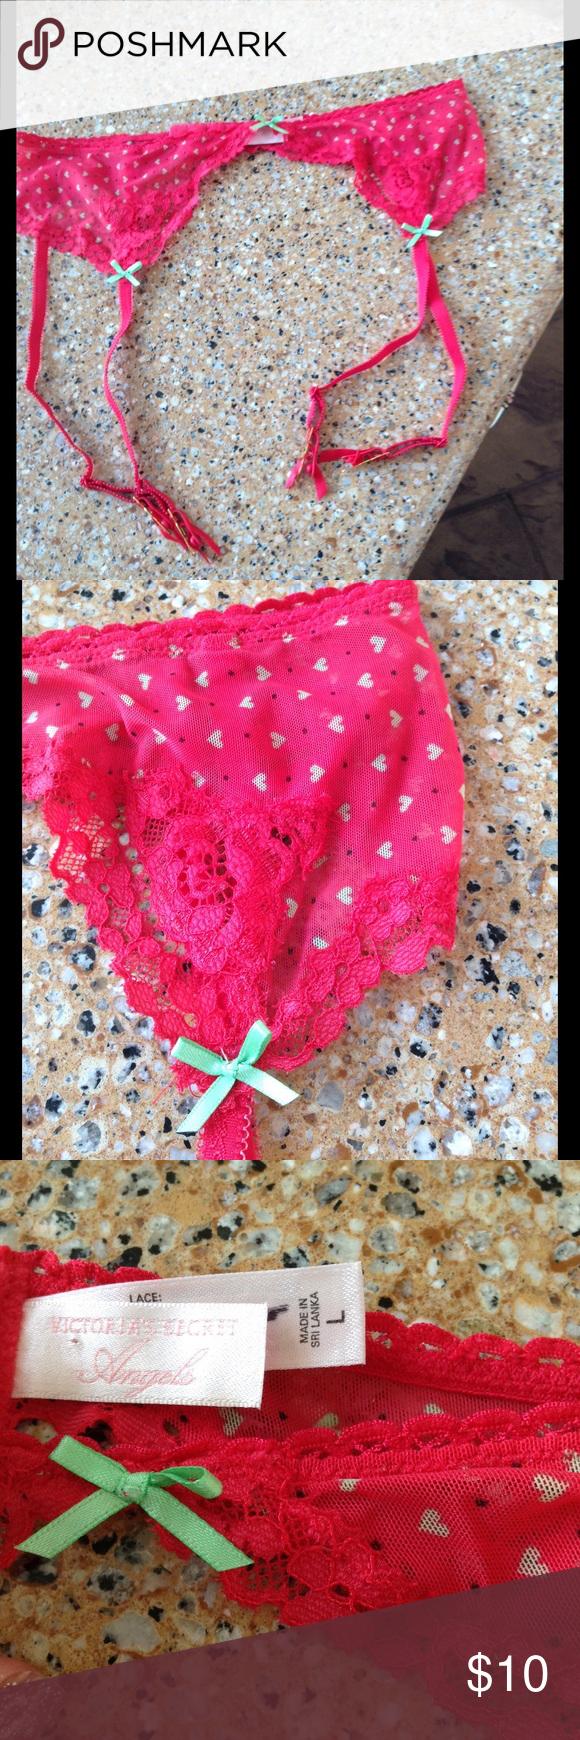 Victoria's Secret lingerie Victoria's Secret Lace lingerie size L Victoria's Secret Intimates & Sleepwear